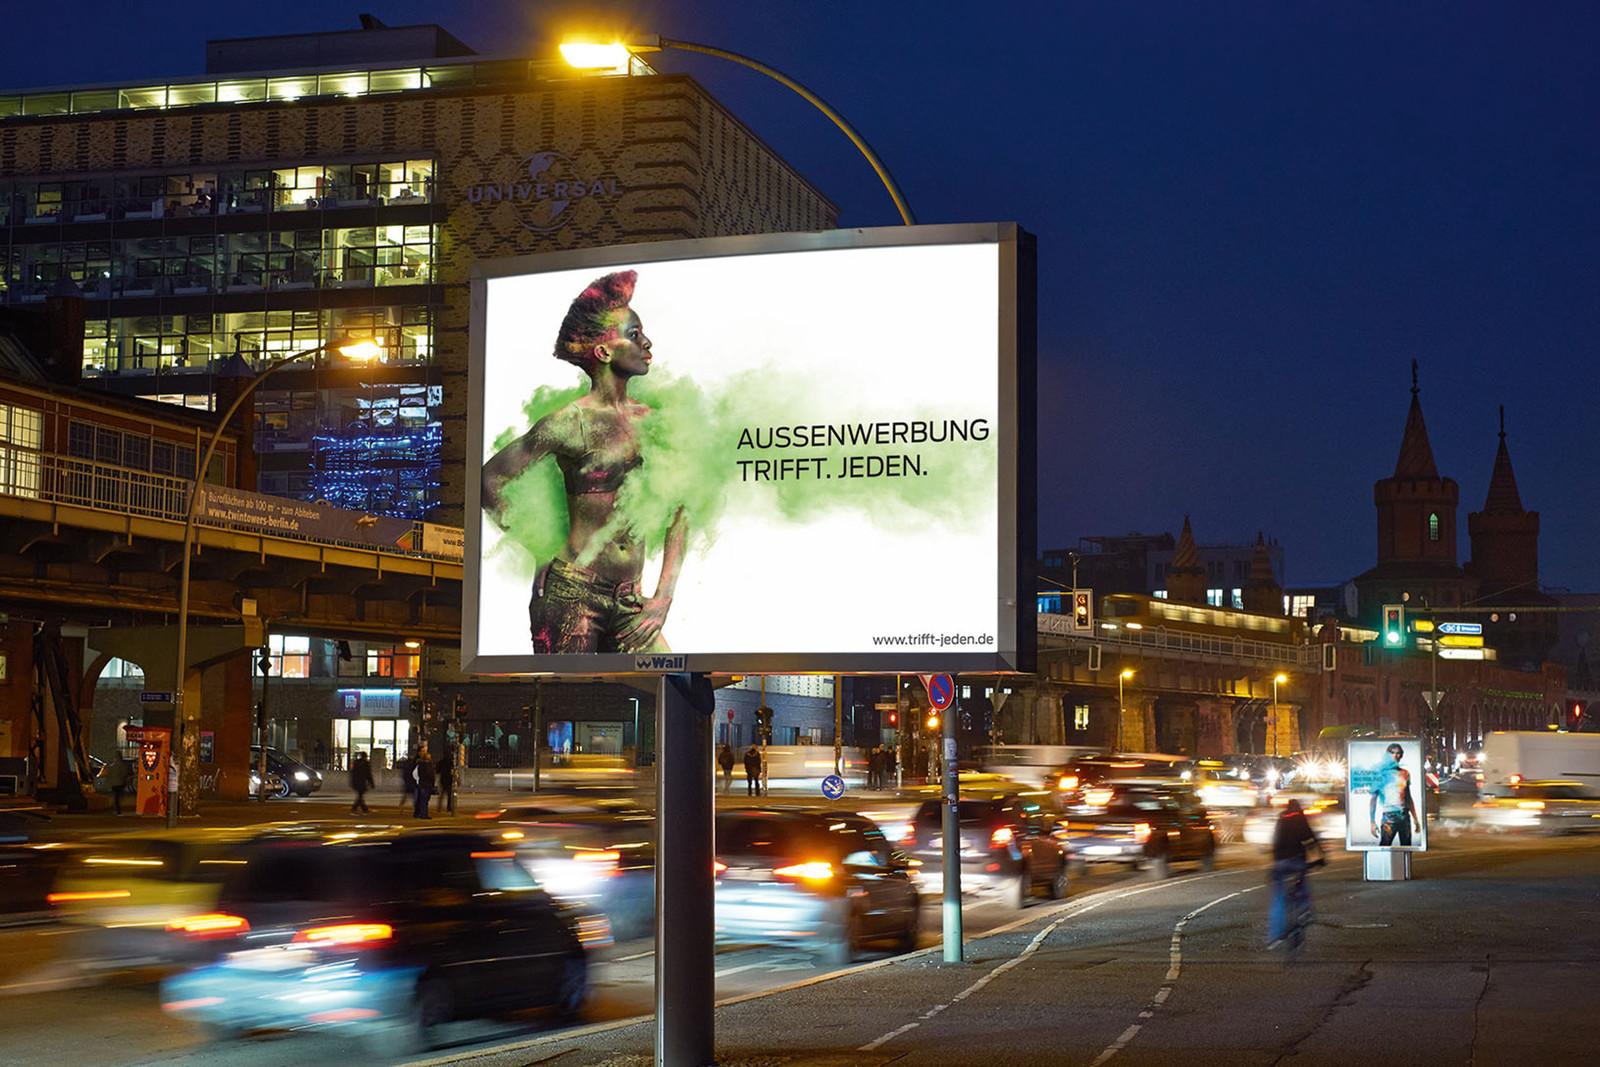 fachverband aussenwerbung ev plakatkampagne